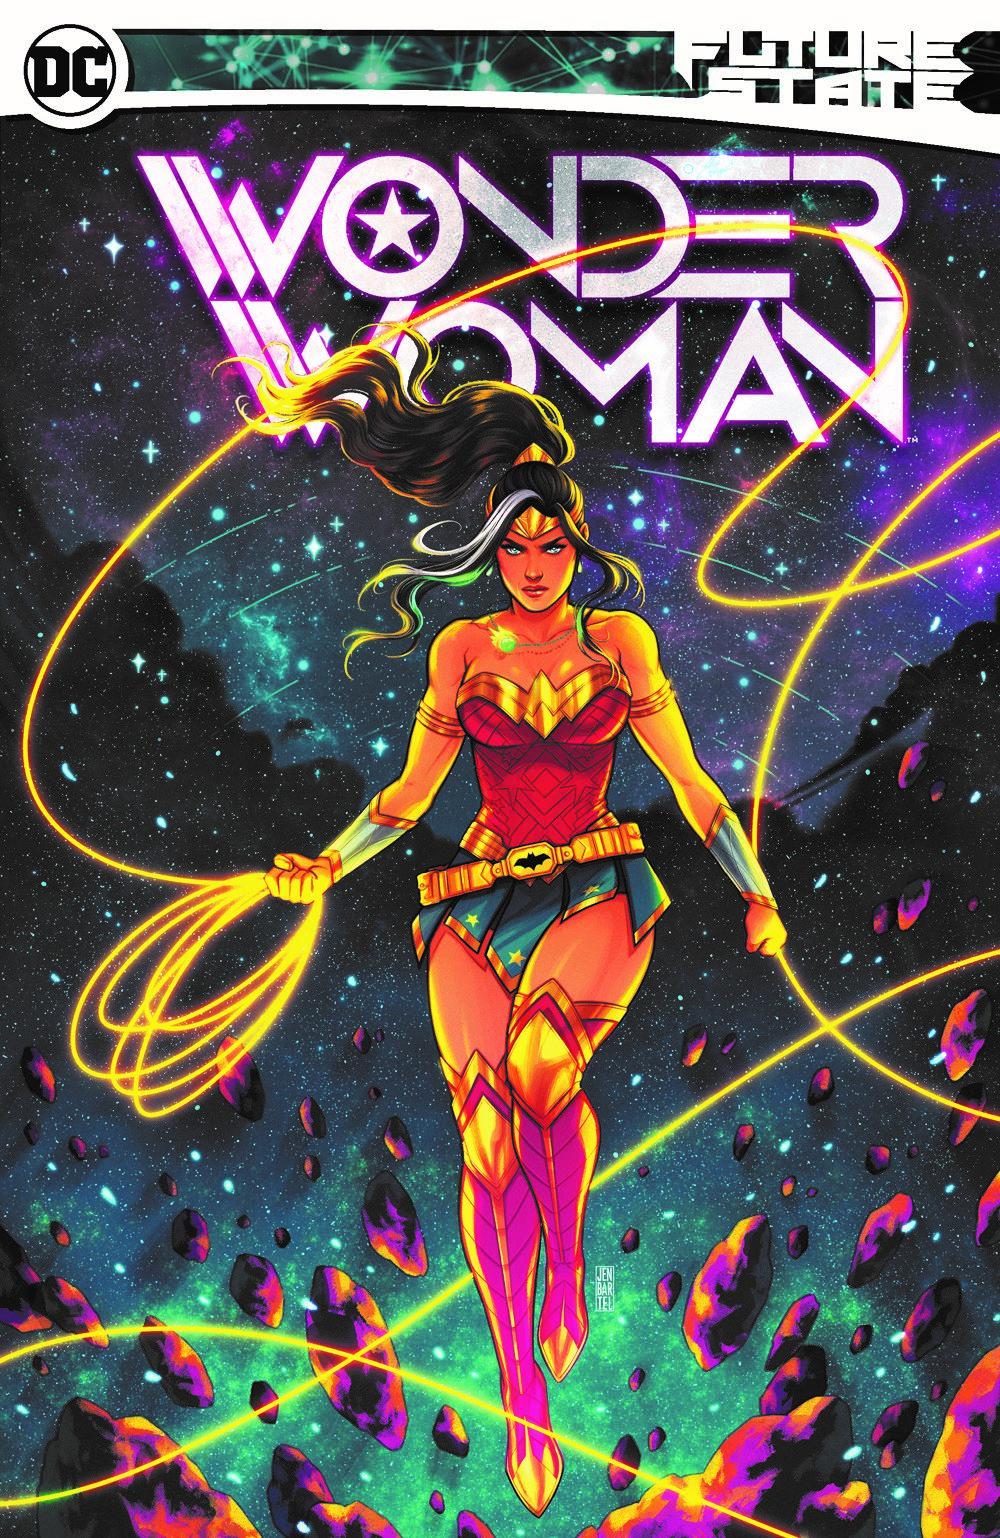 FSWW_SC_Cover_SOLICIT DC Comics June 2021 Solicitations